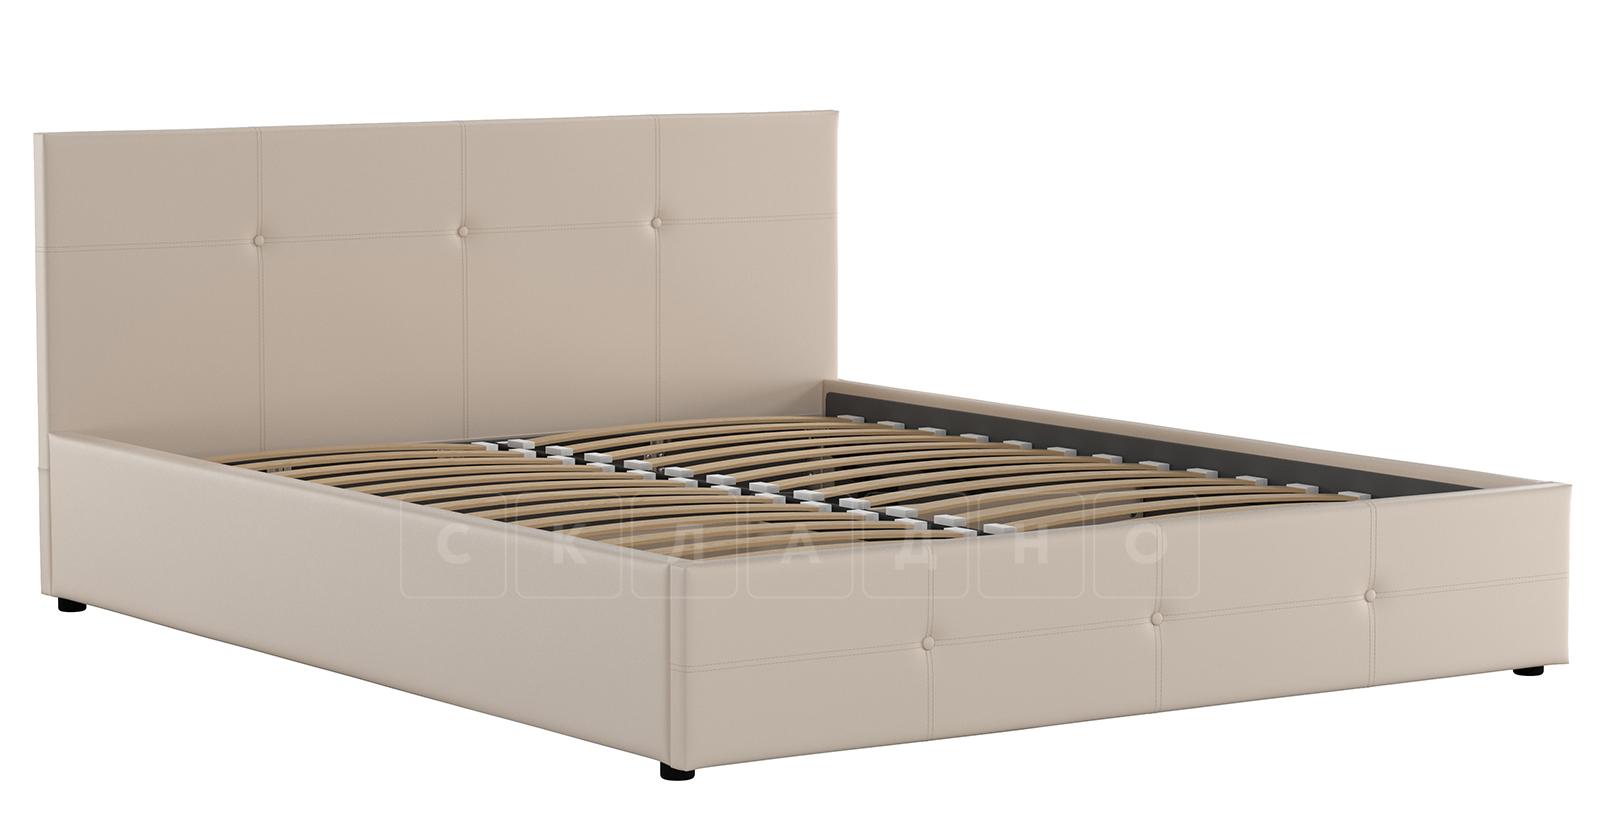 Мягкая кровать Синди 160 см бежевый с подъемным механизмом фото 3 | интернет-магазин Складно